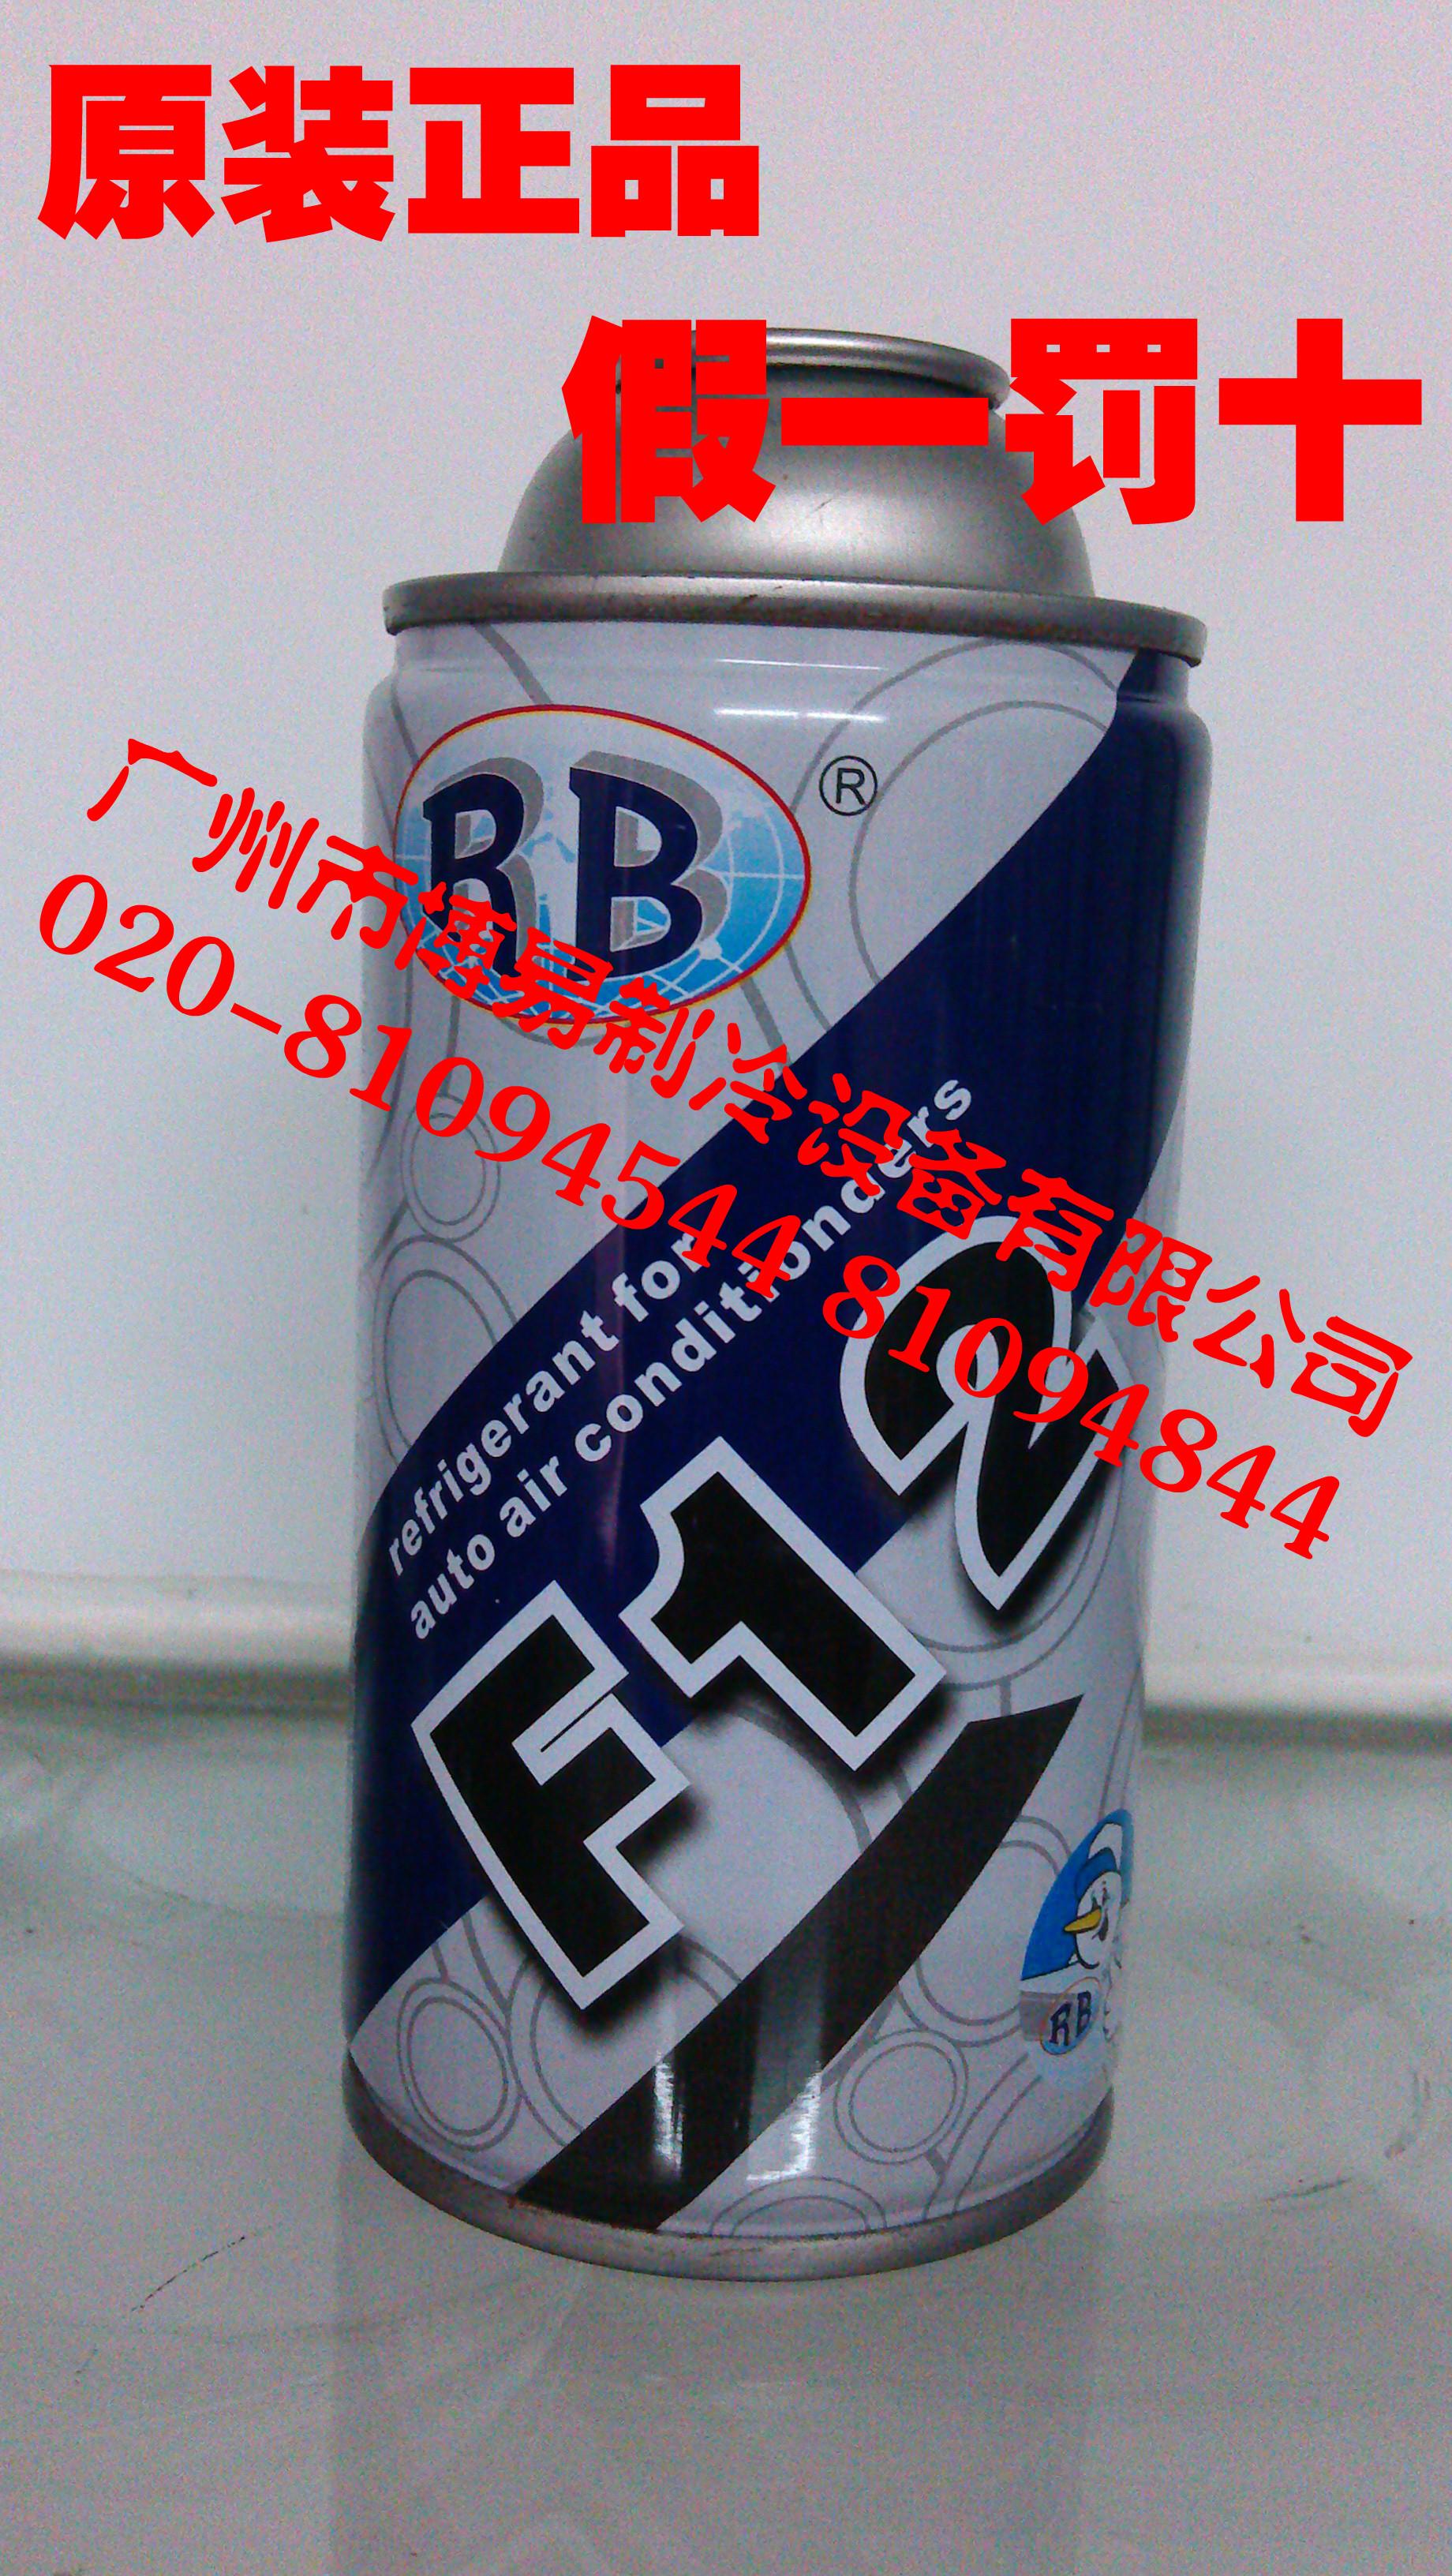 αυθεντικά σπέσιαλ R12 ψυκτικού χιόνι φρέον ψυκτικού μεικτό βάρος 300 g